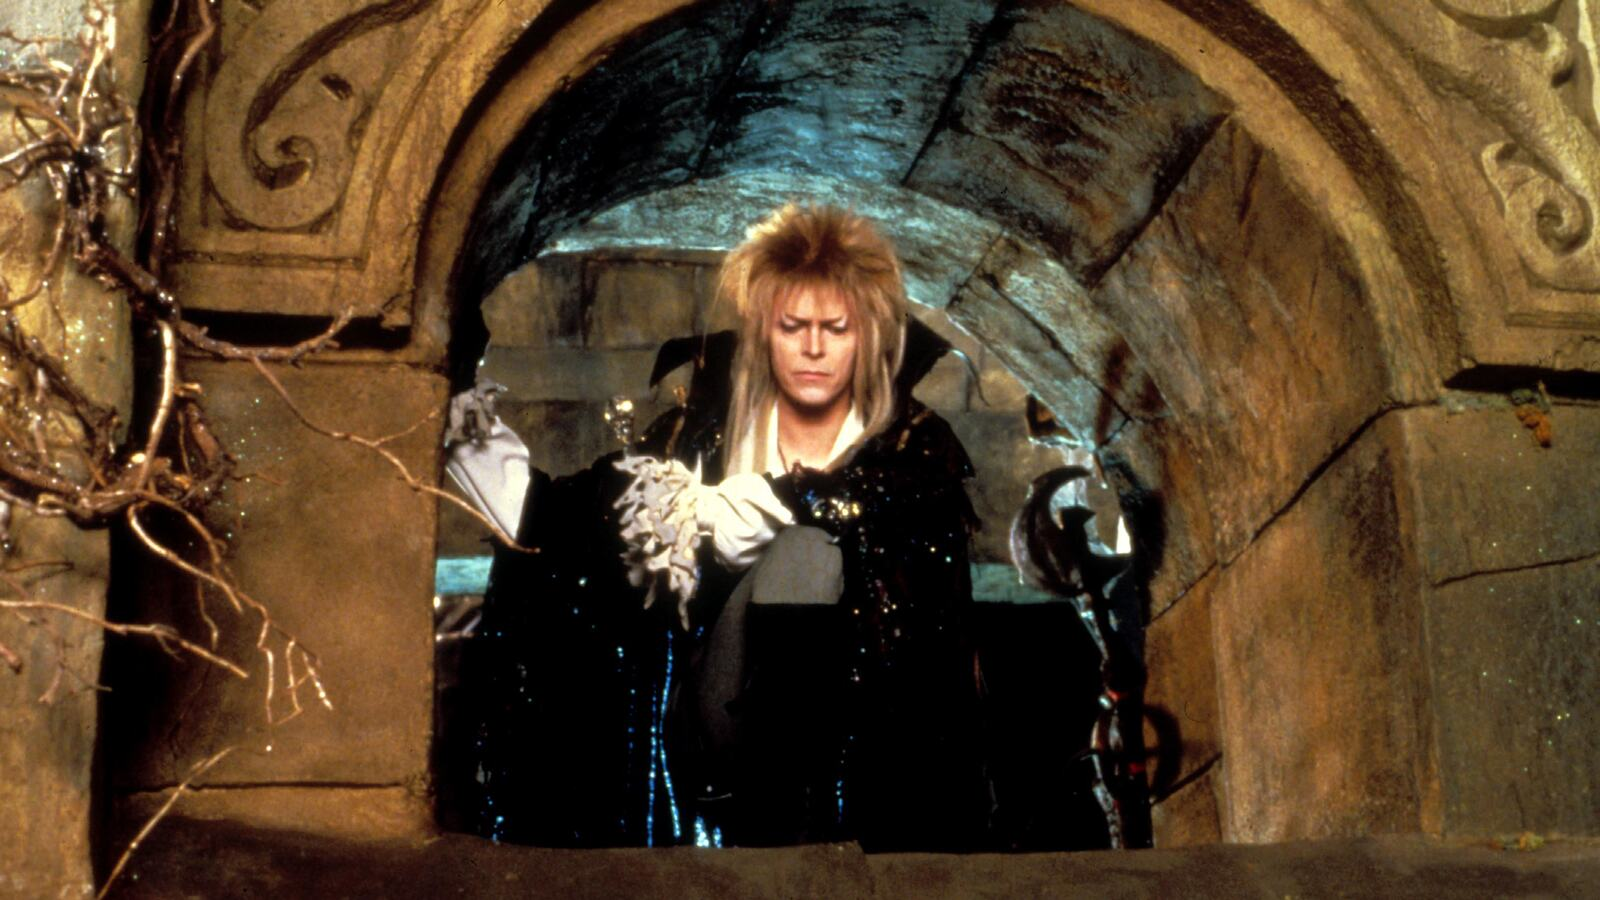 David Bowie, Labyrinth